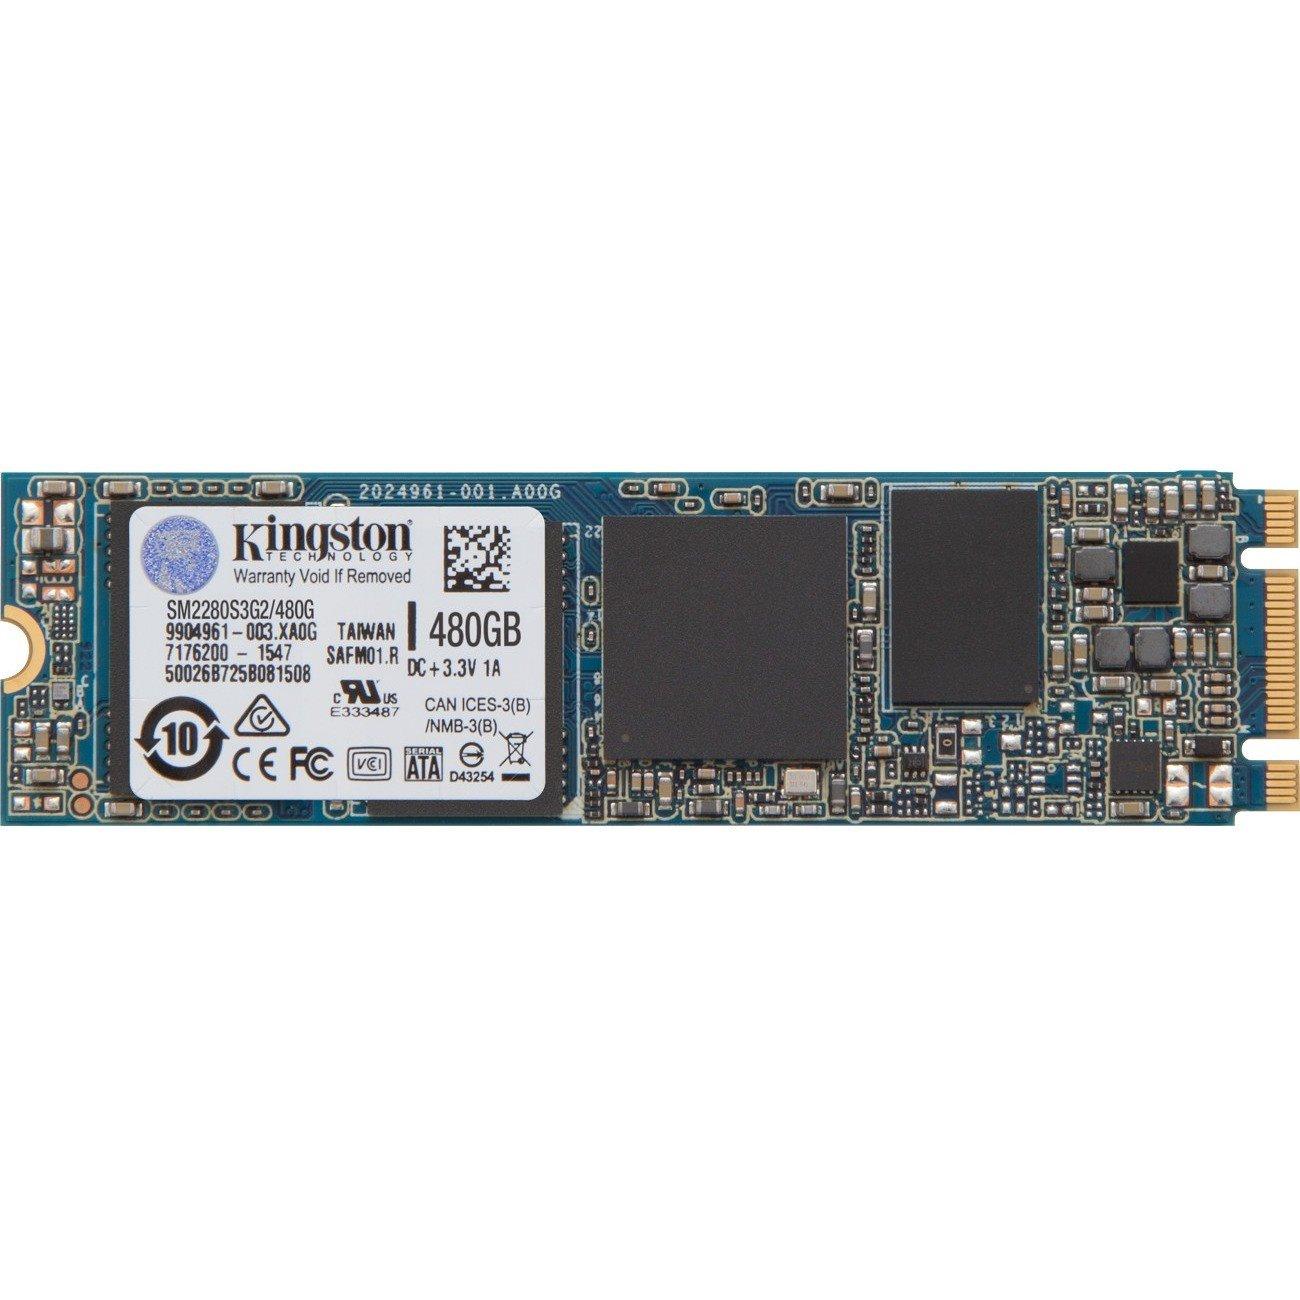 Kingston SSDNow 480 GB Solid State Drive - SATA (SATA/600) - Internal - M.2 2280